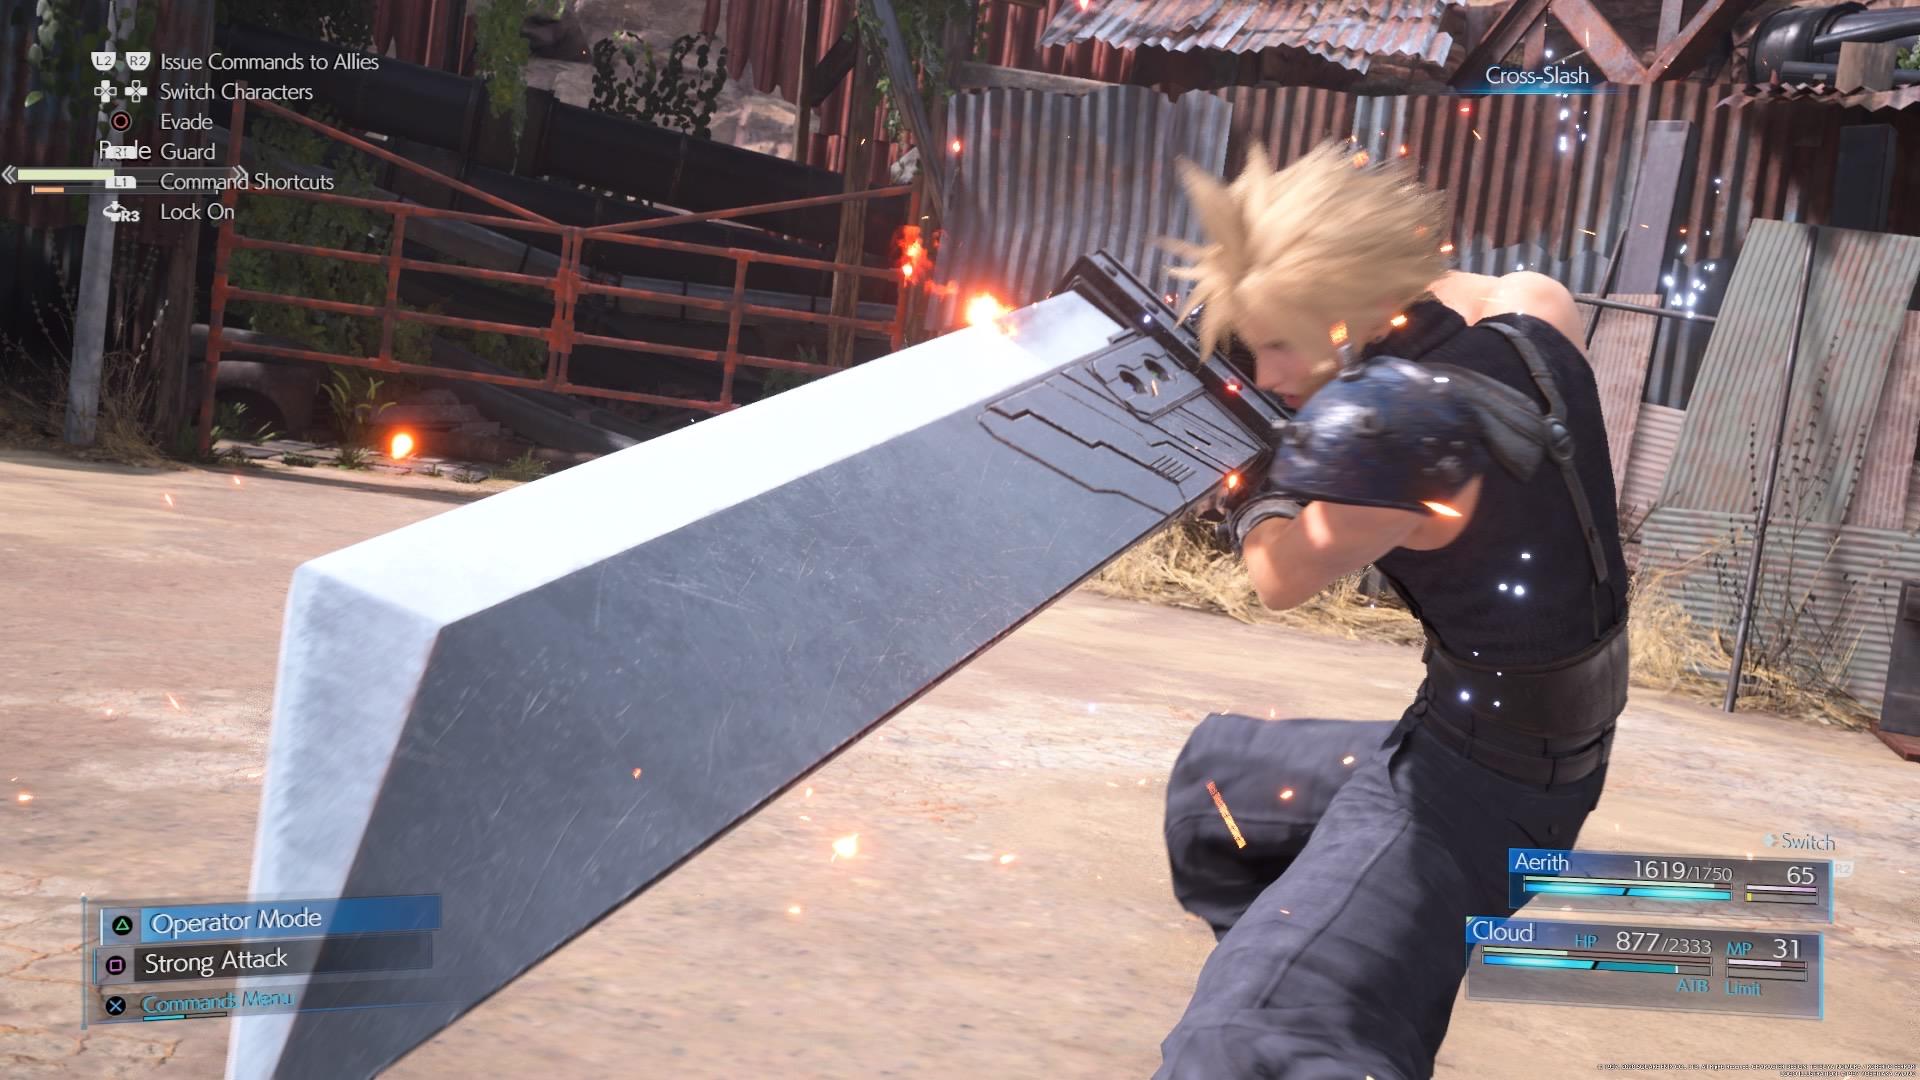 40 orduren ondoren, Final Fantasy VII Remake-ren bidez joan nintzen.  Abentura ederra, sorpresa handia, baina 10/10 ez dut emango